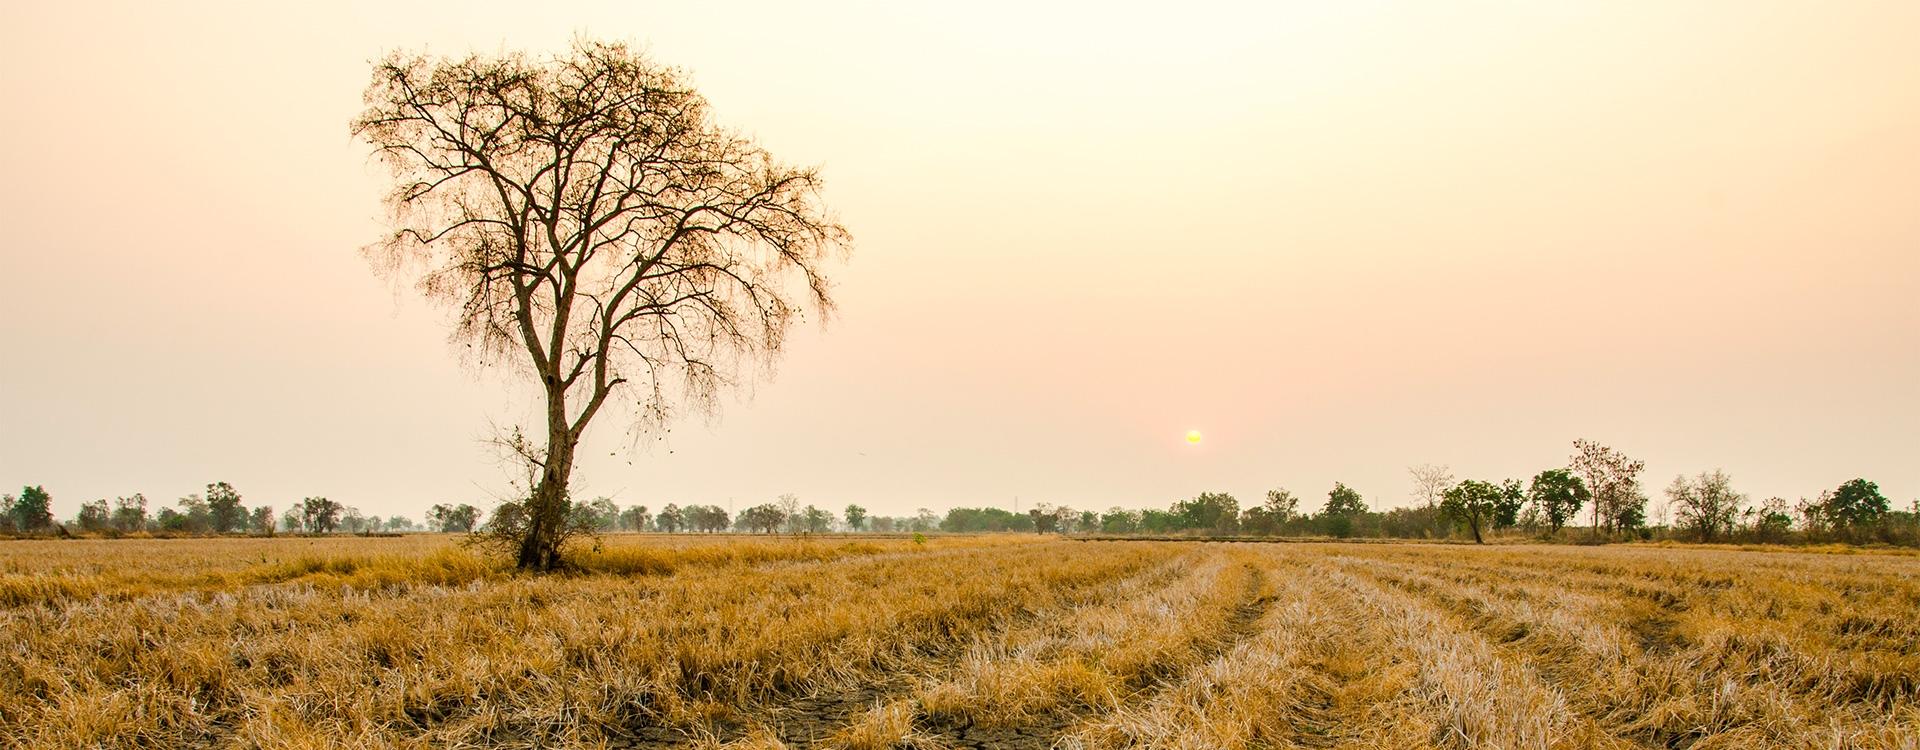 Les bons gestes en période de sécheresse